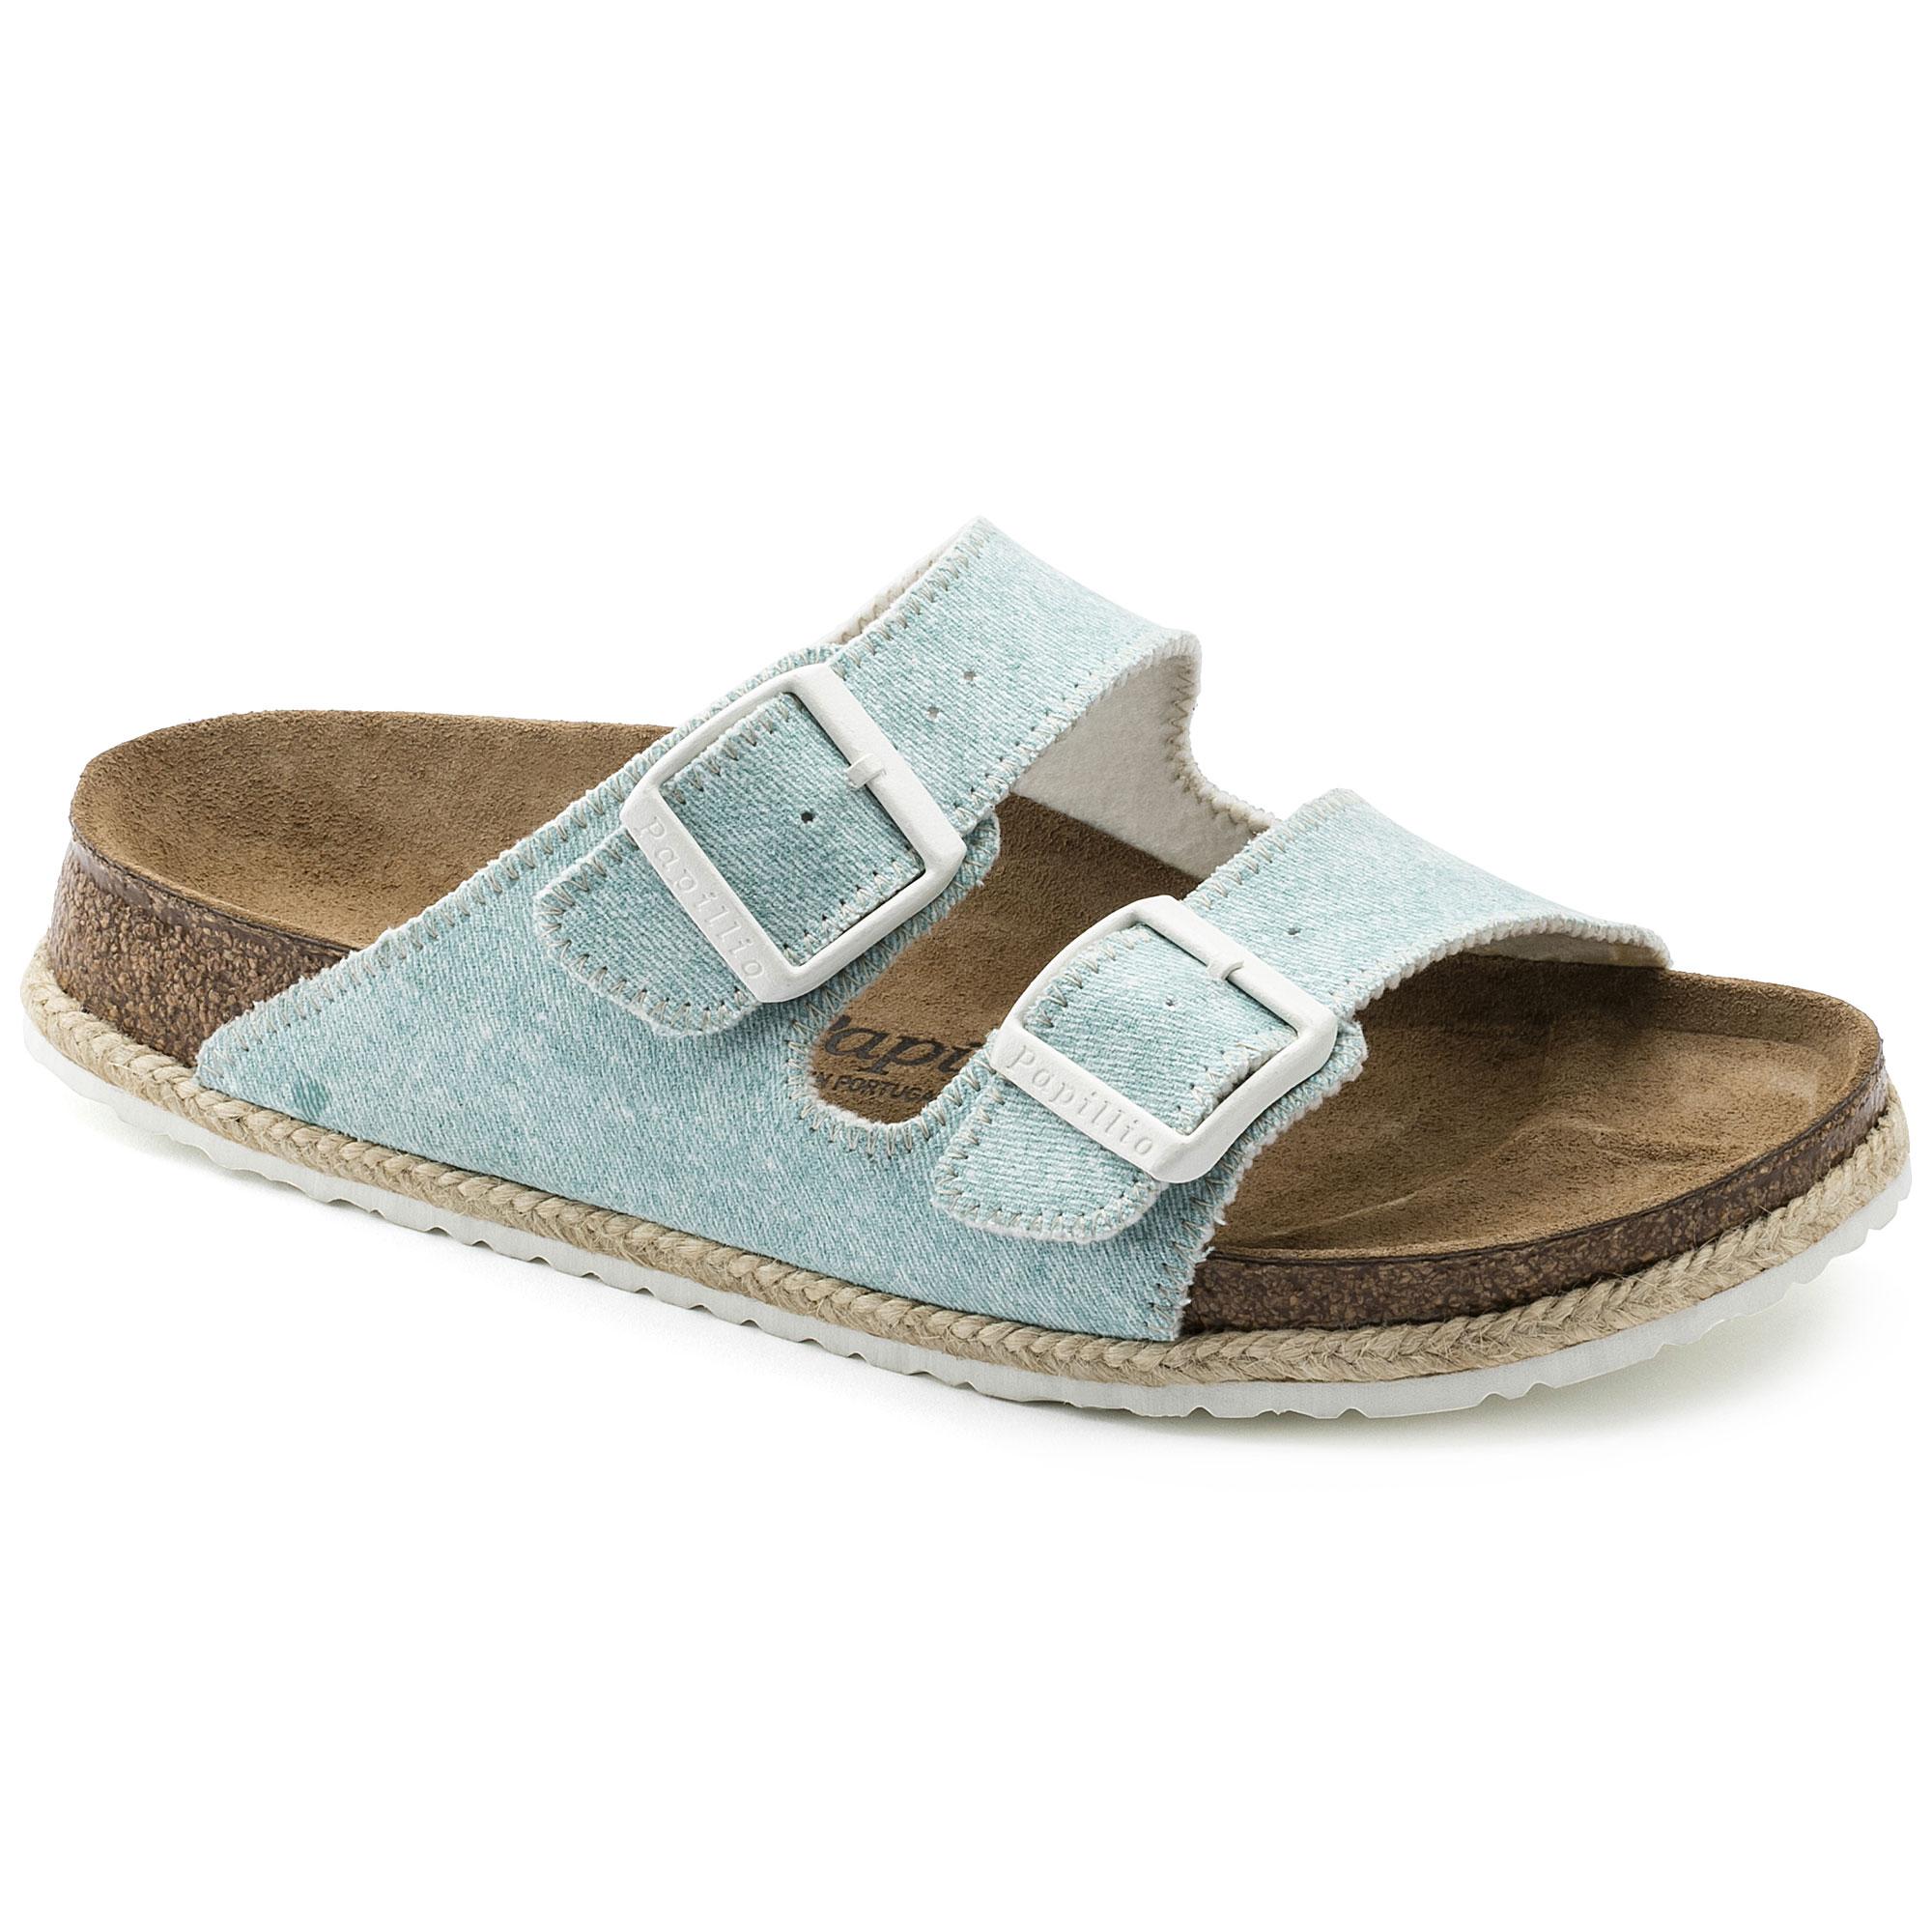 Beach Sandals   buy online at BIRKENSTOCK